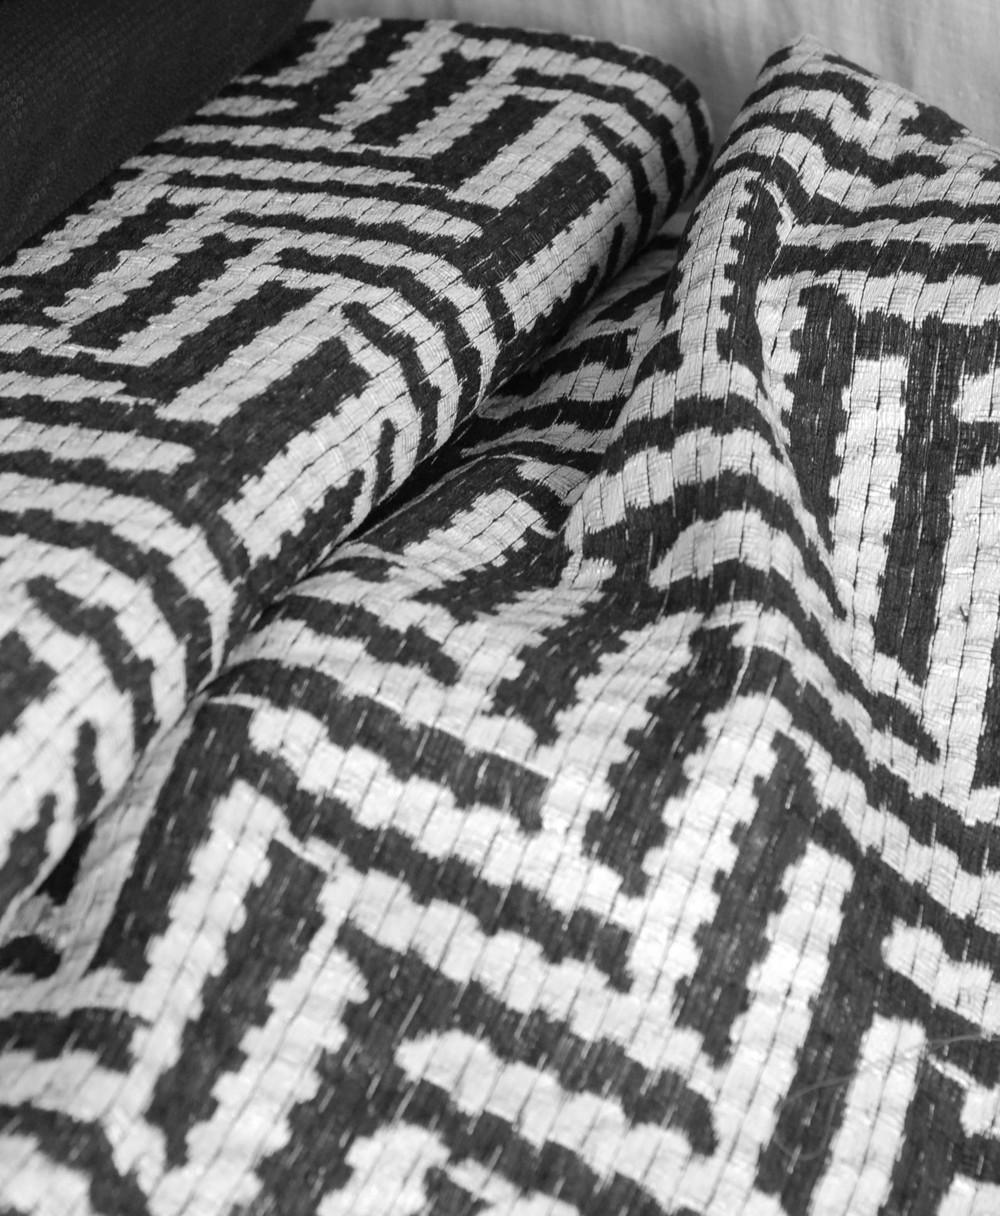 Denne Chanel vare vil jeg så gerne lave en NO. 4 London i en mellem lang version med bælte i taljen.